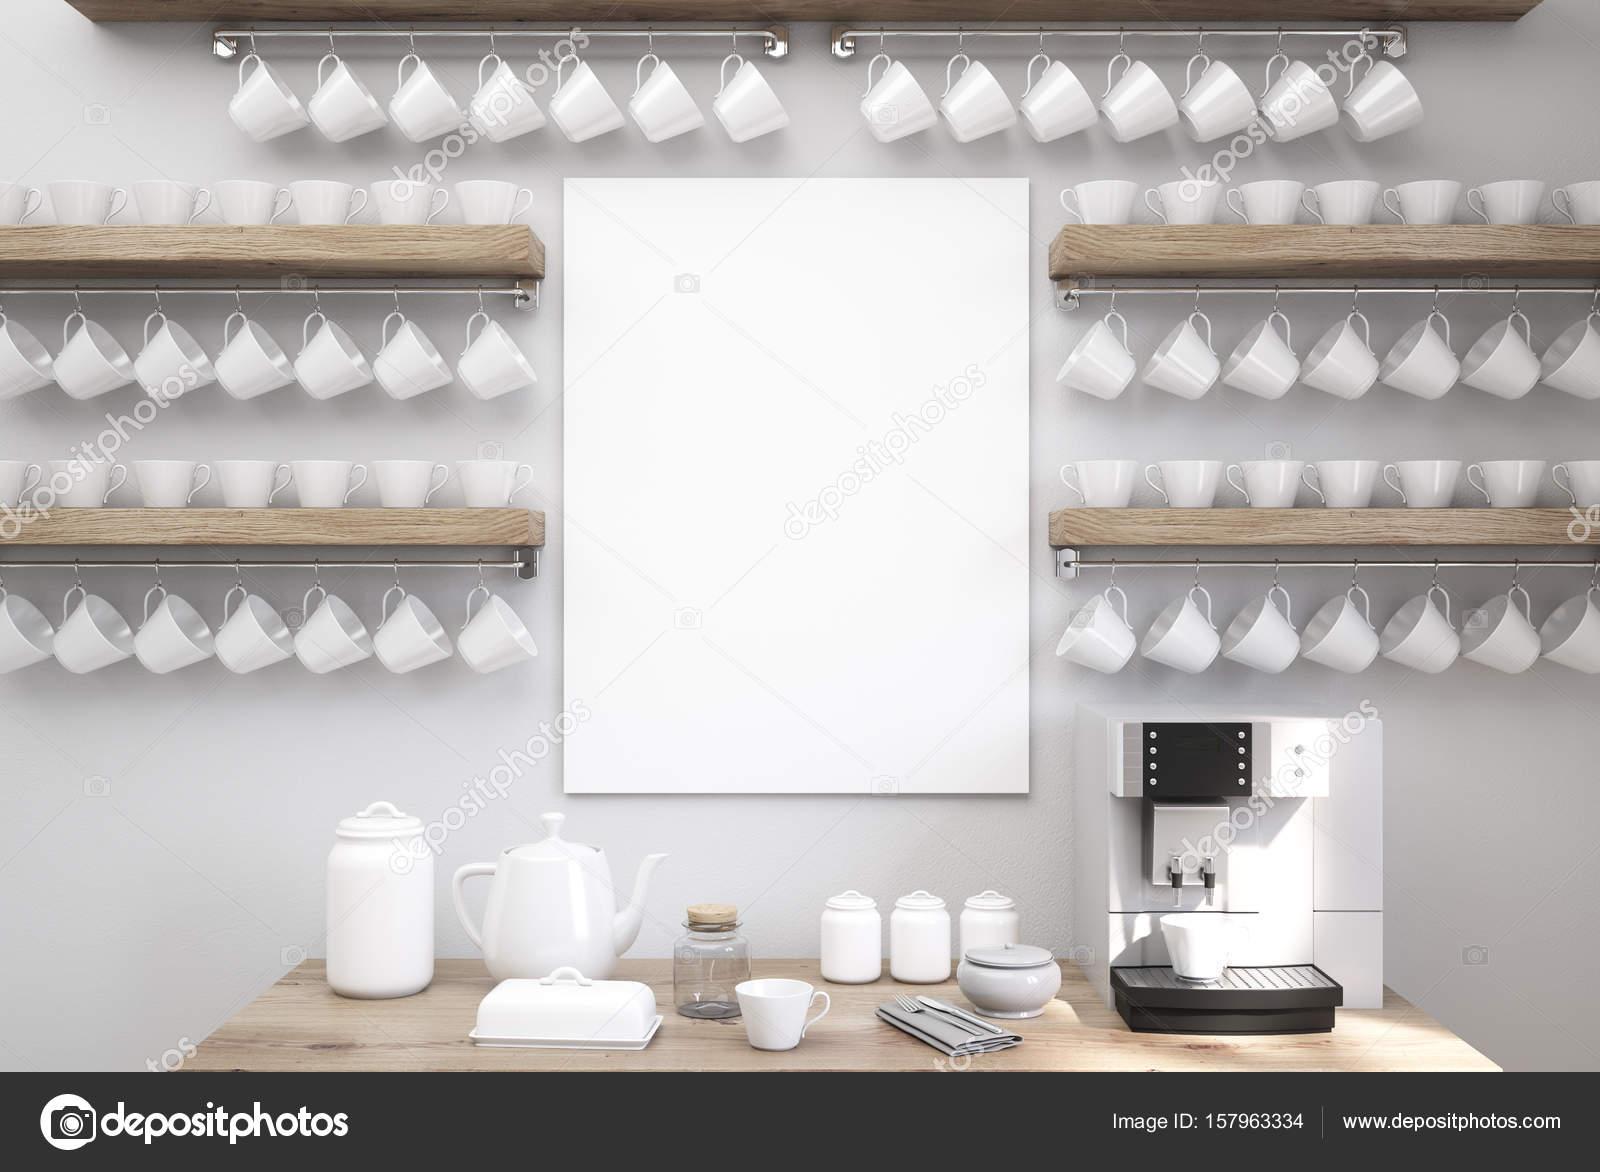 Koffiemachine De Keuken : Grijze keuken met een koffiemachine kopjes u2014 stockfoto